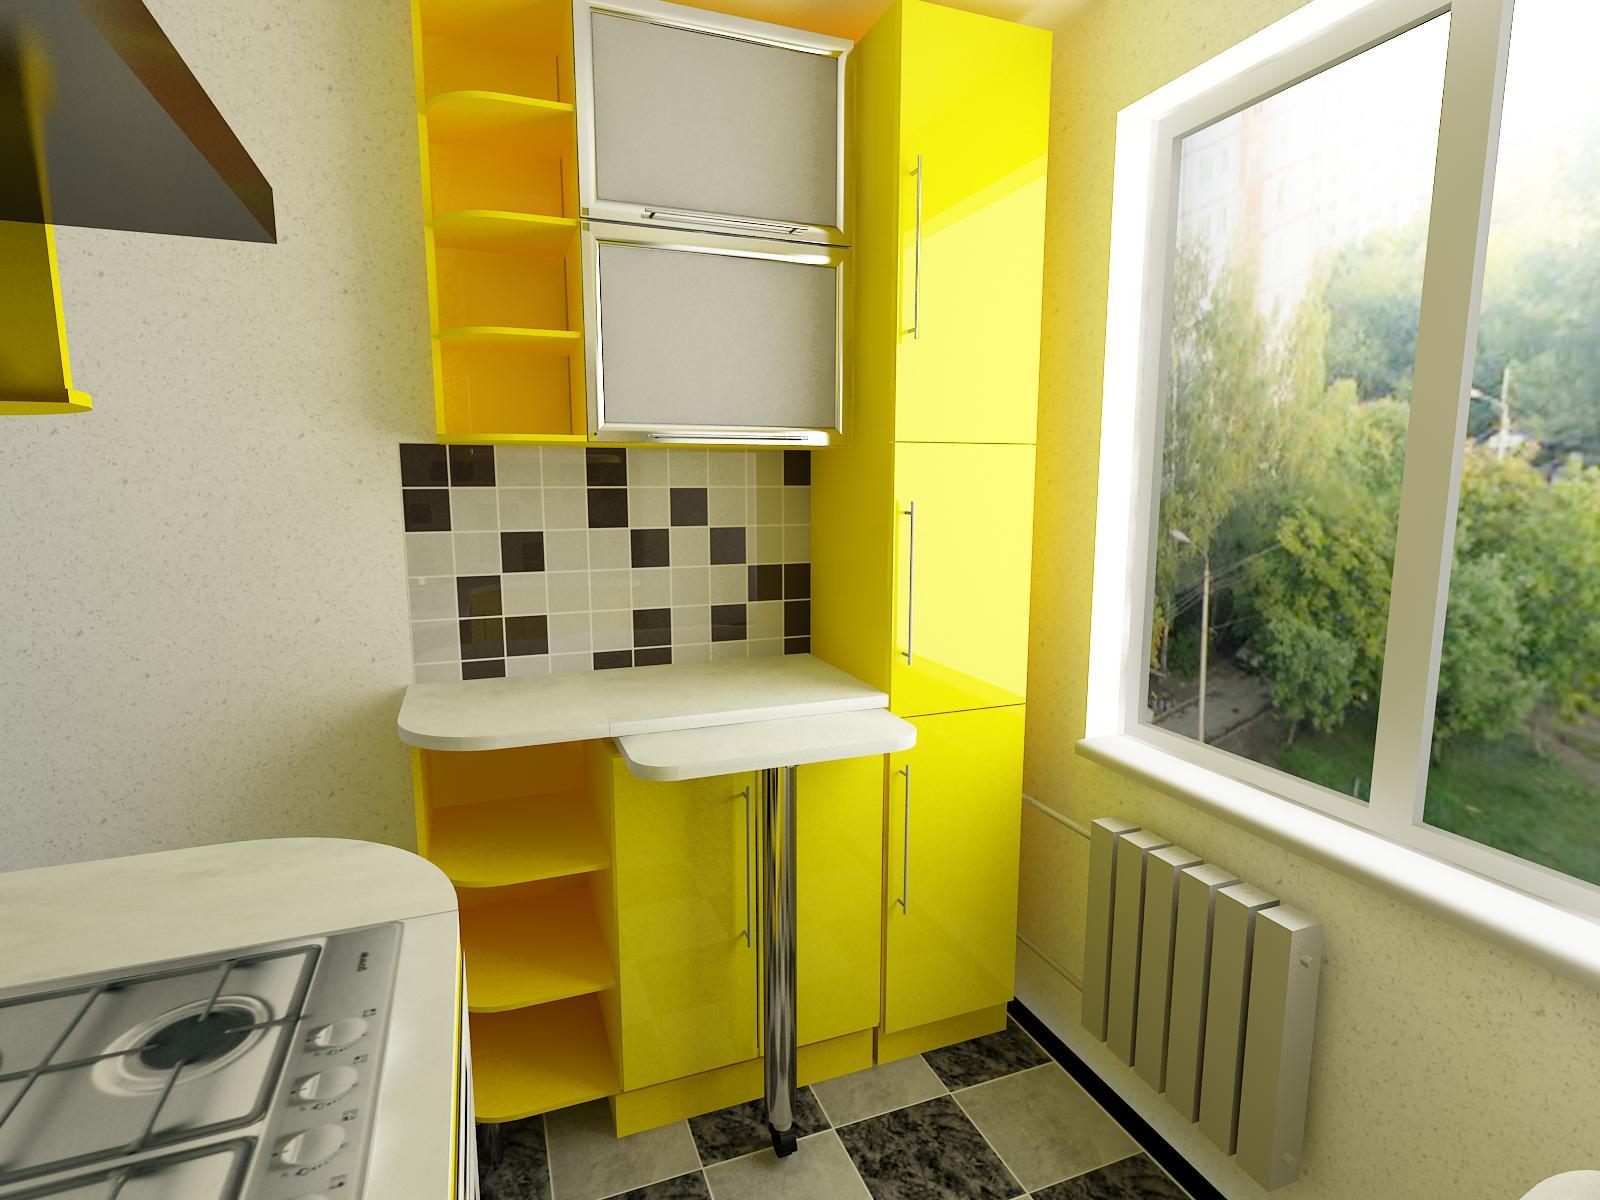 Кухня в хрущевке 5 кв м с холодильником - фото идеи.